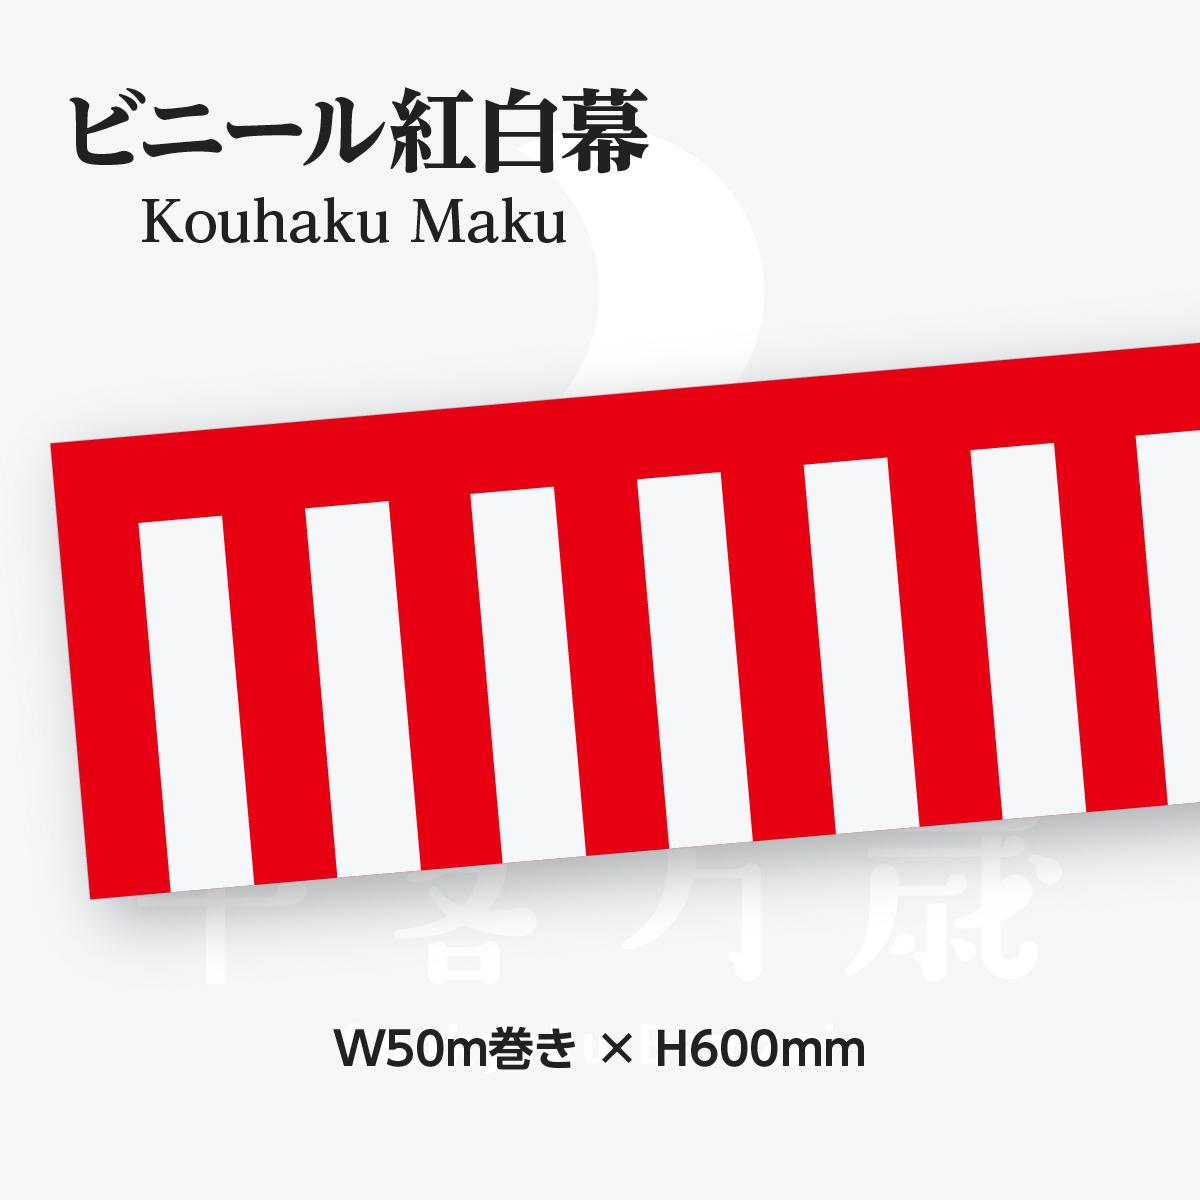 50mロール巻の安価な紅白幕 ワゴンや壁 柱への使用が多いです 紅白幕ビニール製 引出物 19405 高さ60cm 絶品 幅50mロール巻き